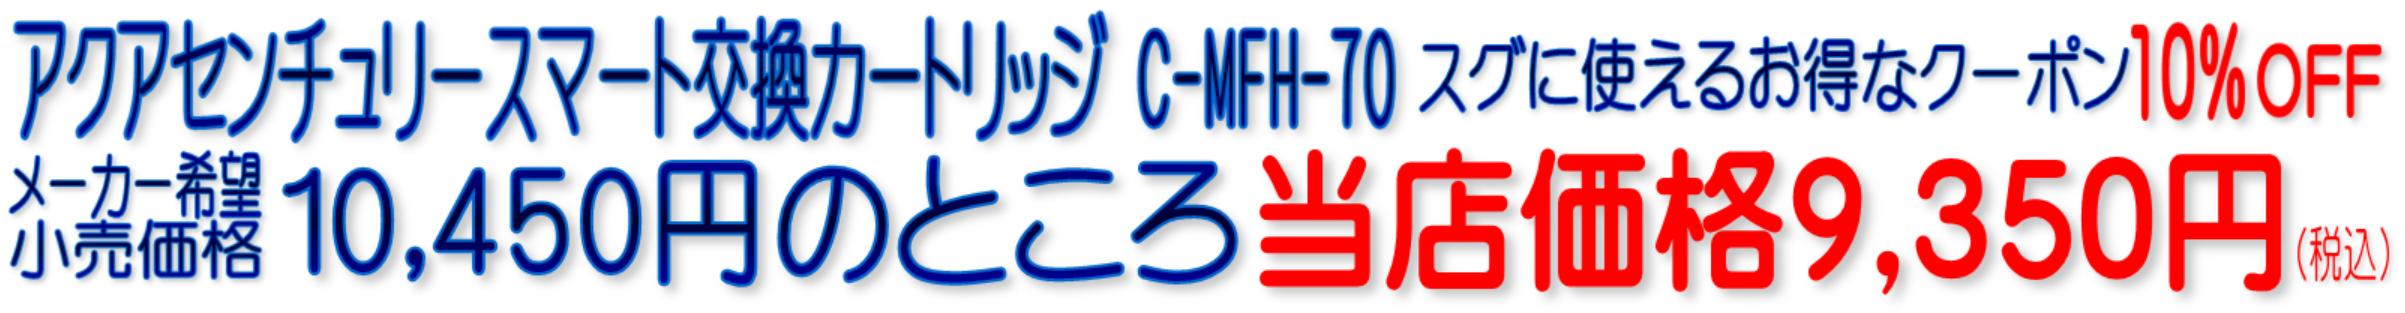 アクアセンチュリースマート MFH-70